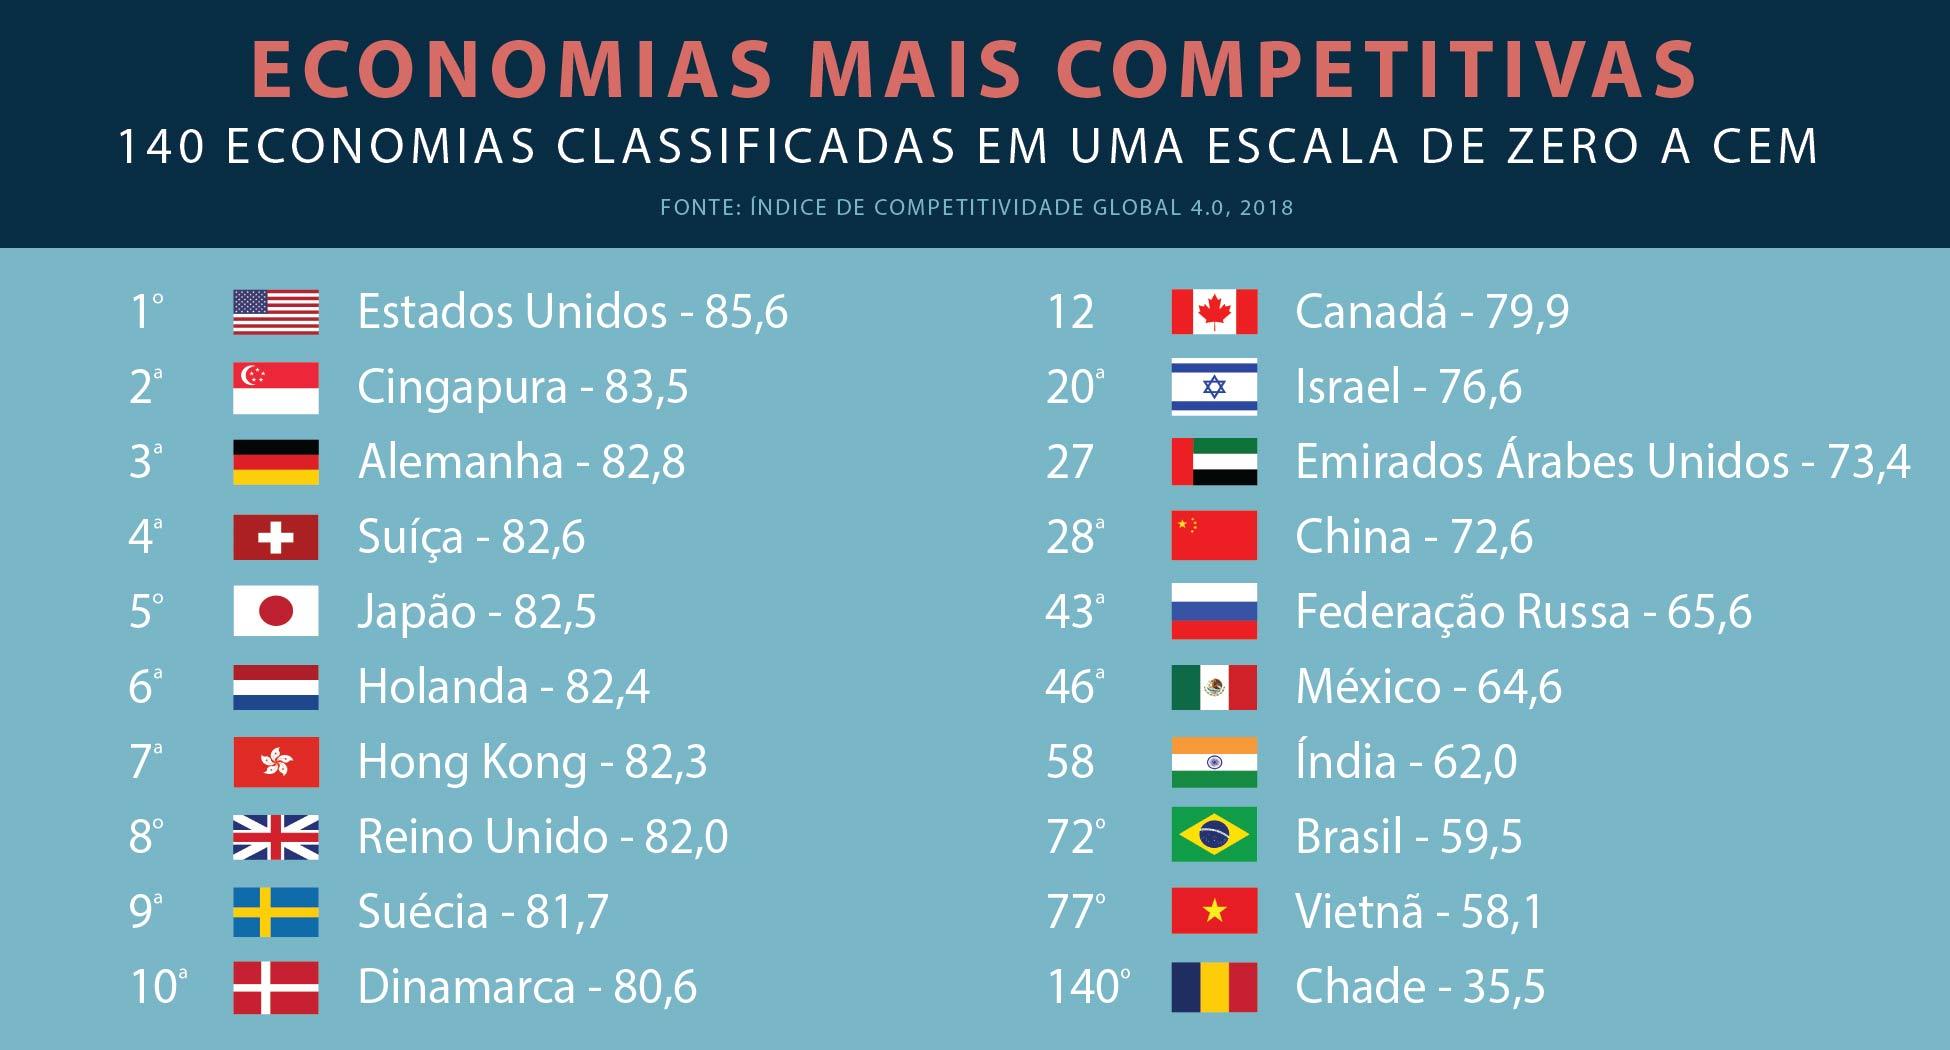 Gráfico lista as economias mais competitivas e mostra suas bandeiras (Depto. de Estado/L. Rawls)